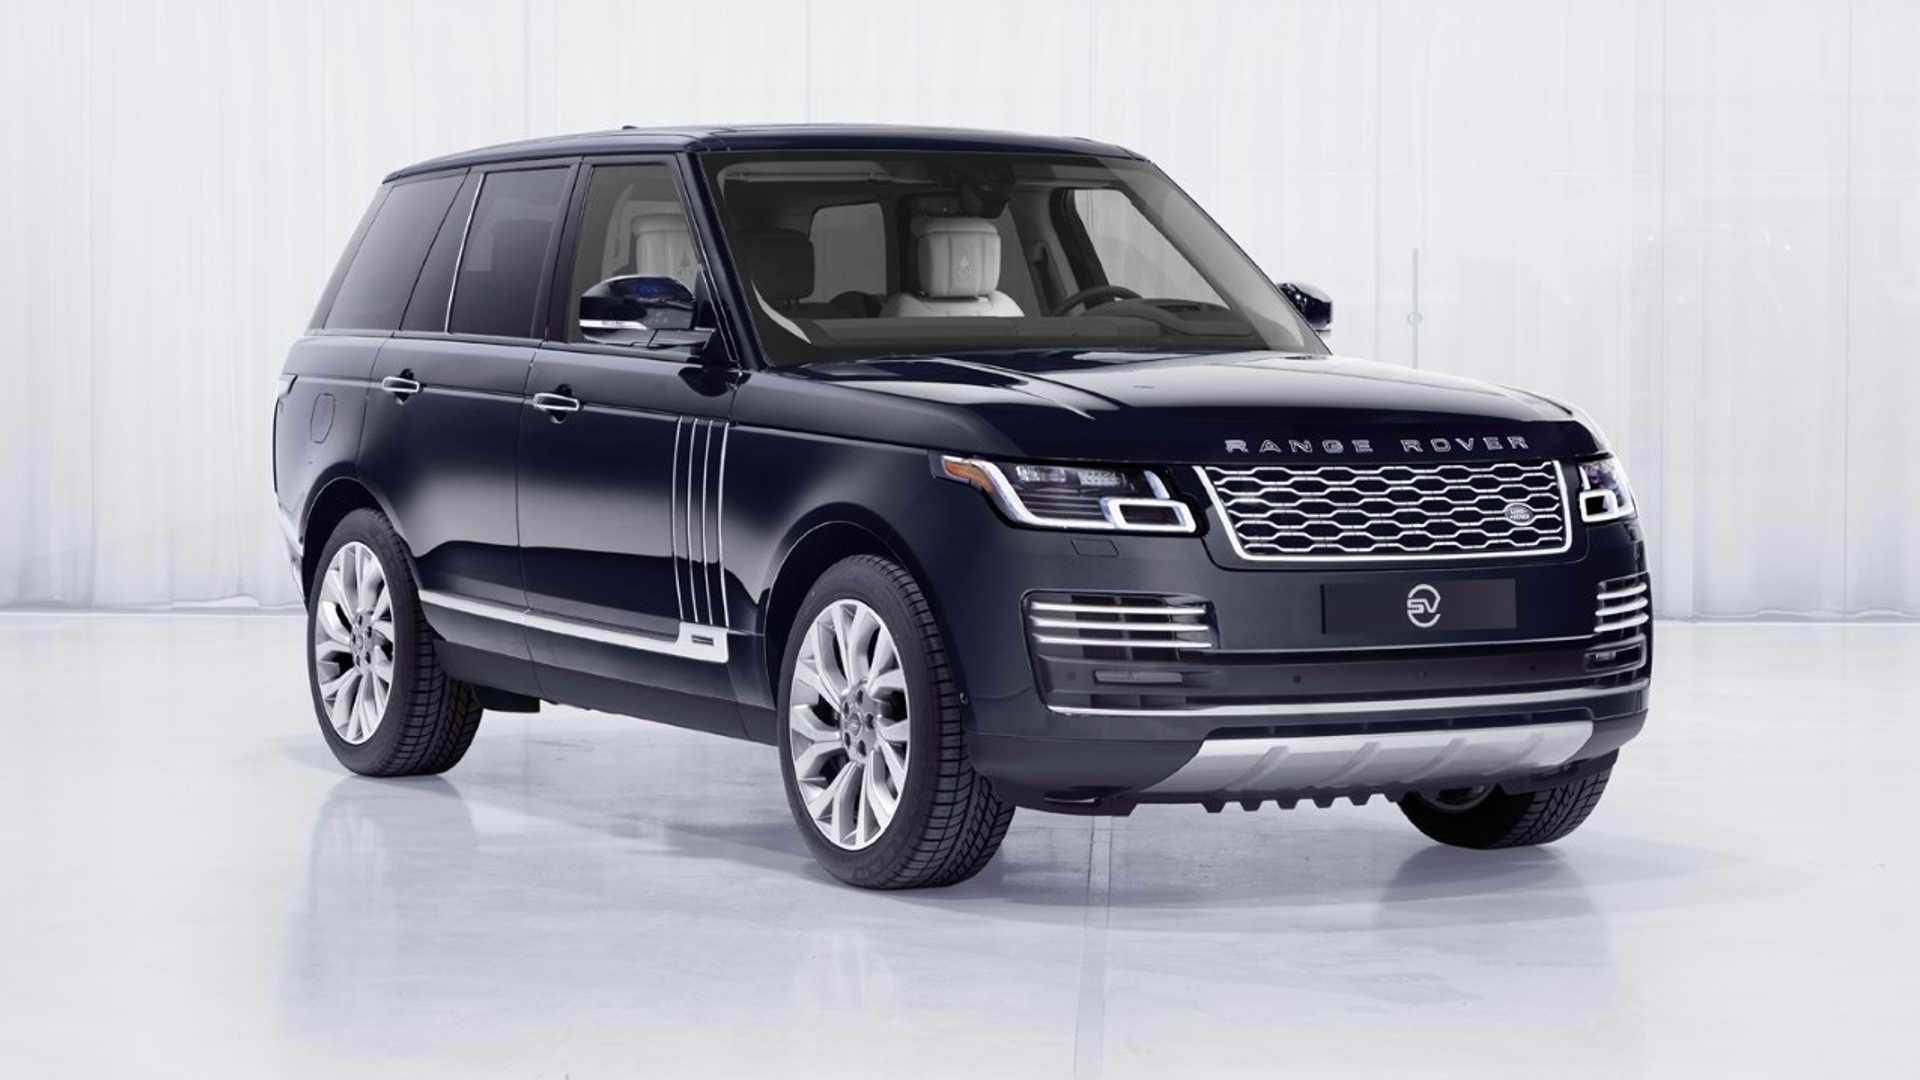 Внедорожники Range Rover выйдут специальной серией для астронавтов 1